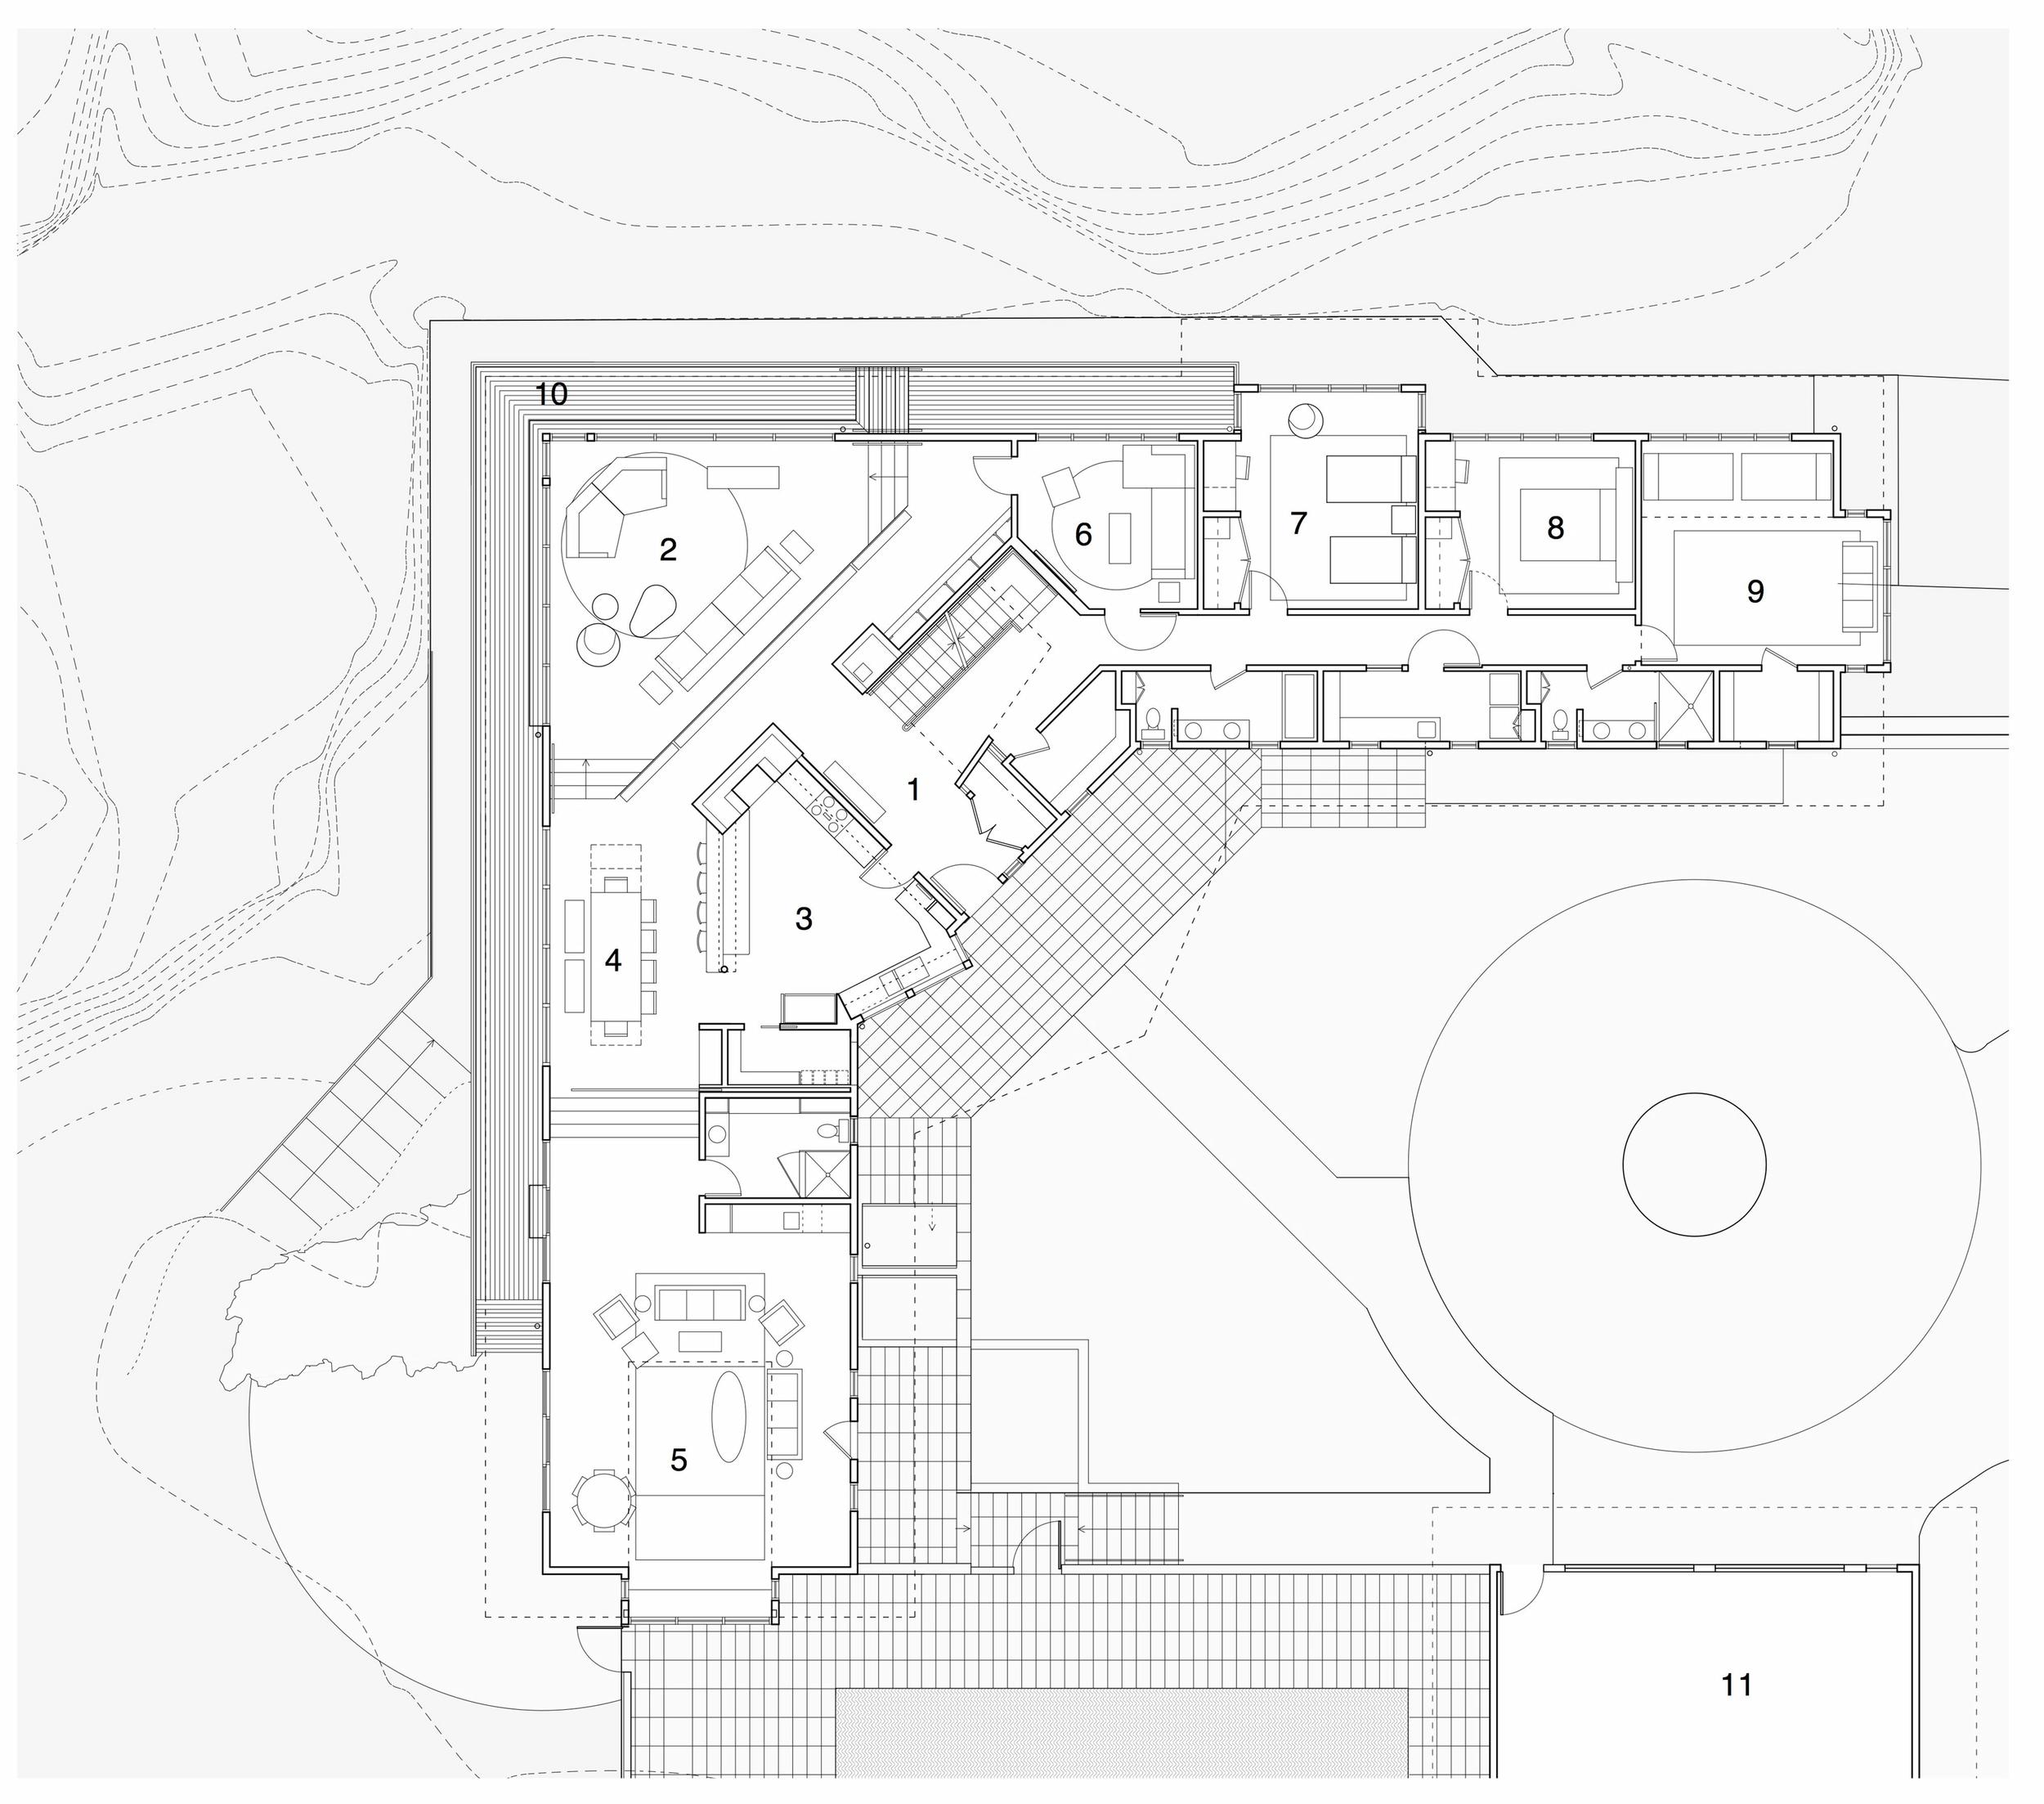 main floor plan: (1) entryway, (2) living room, (3) kitchen, (4) dining area, (5) family room, (6) den, (7-9) bedrooms, (10) deck, (11) garage